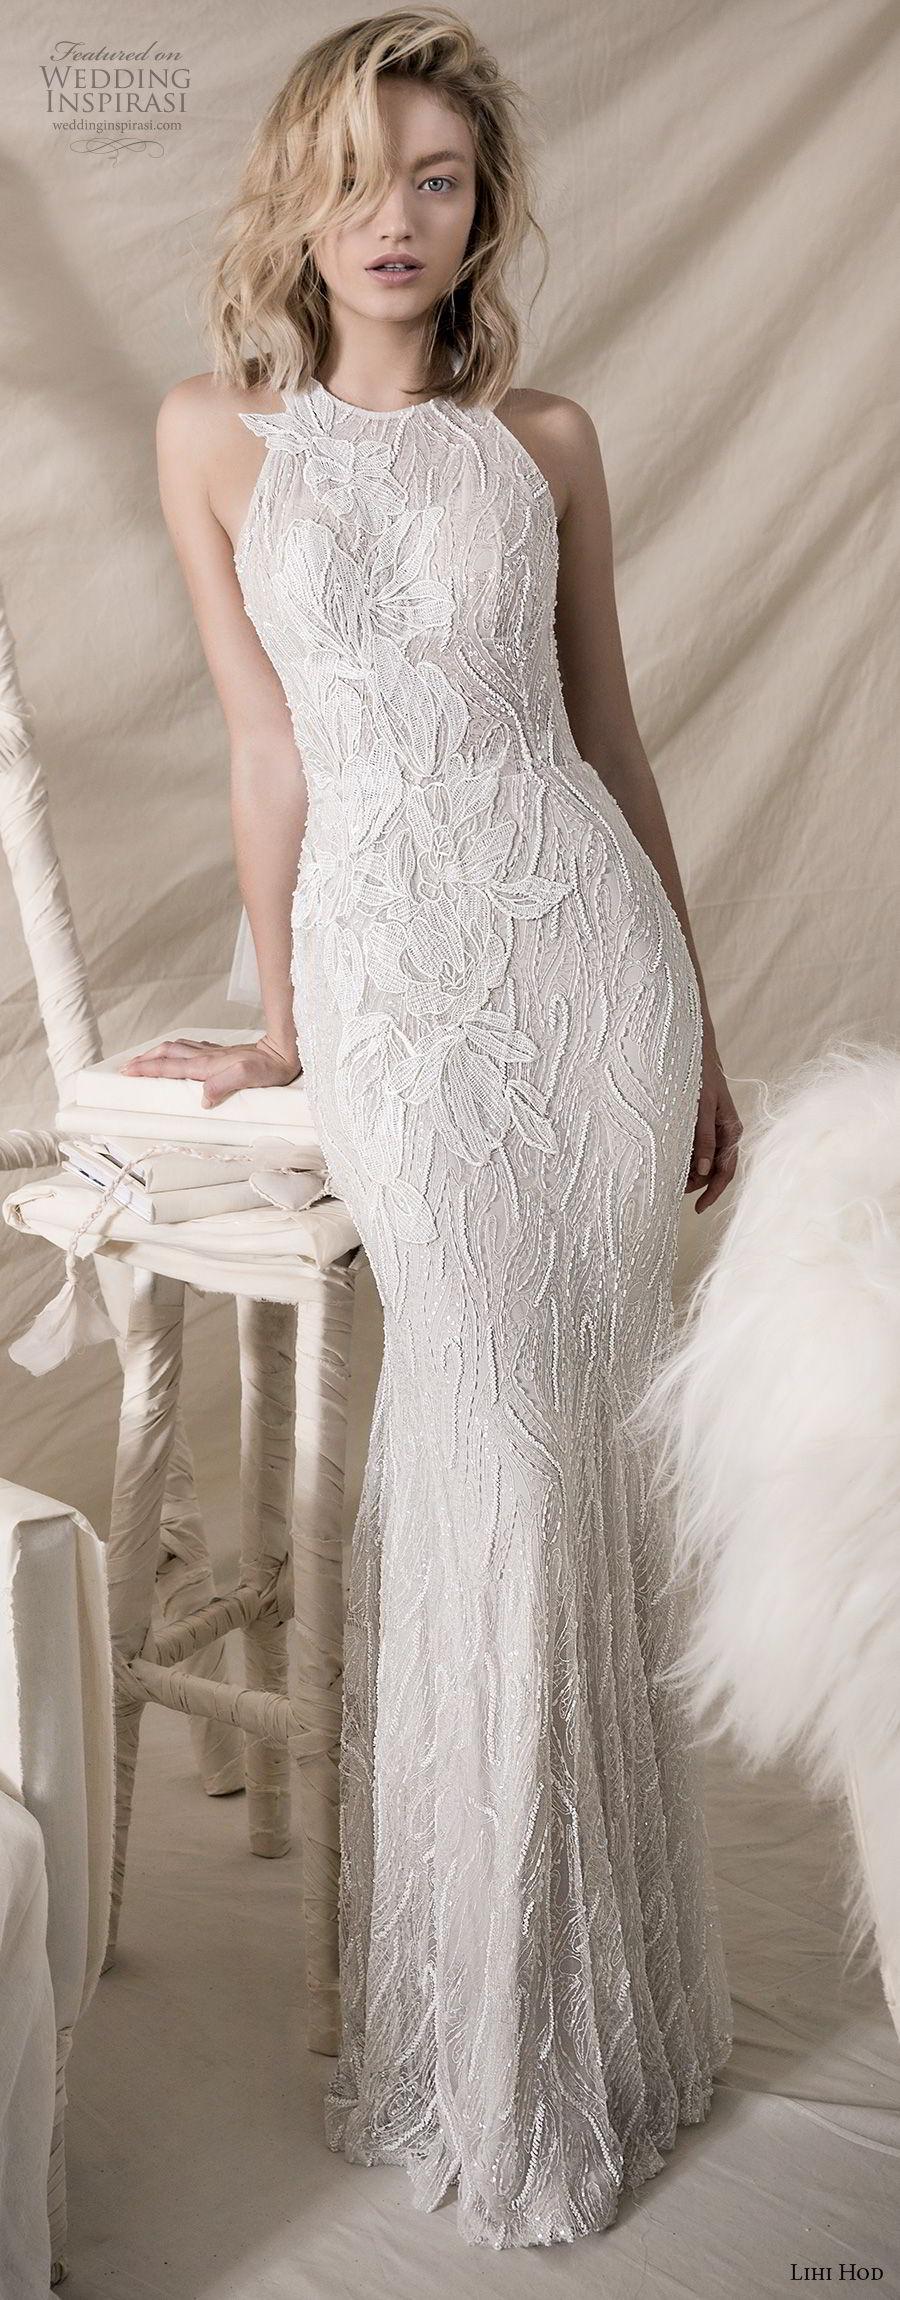 lihi hod 2018 bridal sleeveless halter jewel neck full embellishment elegant sheath wedding dress keyhole back sweep train (11) mv